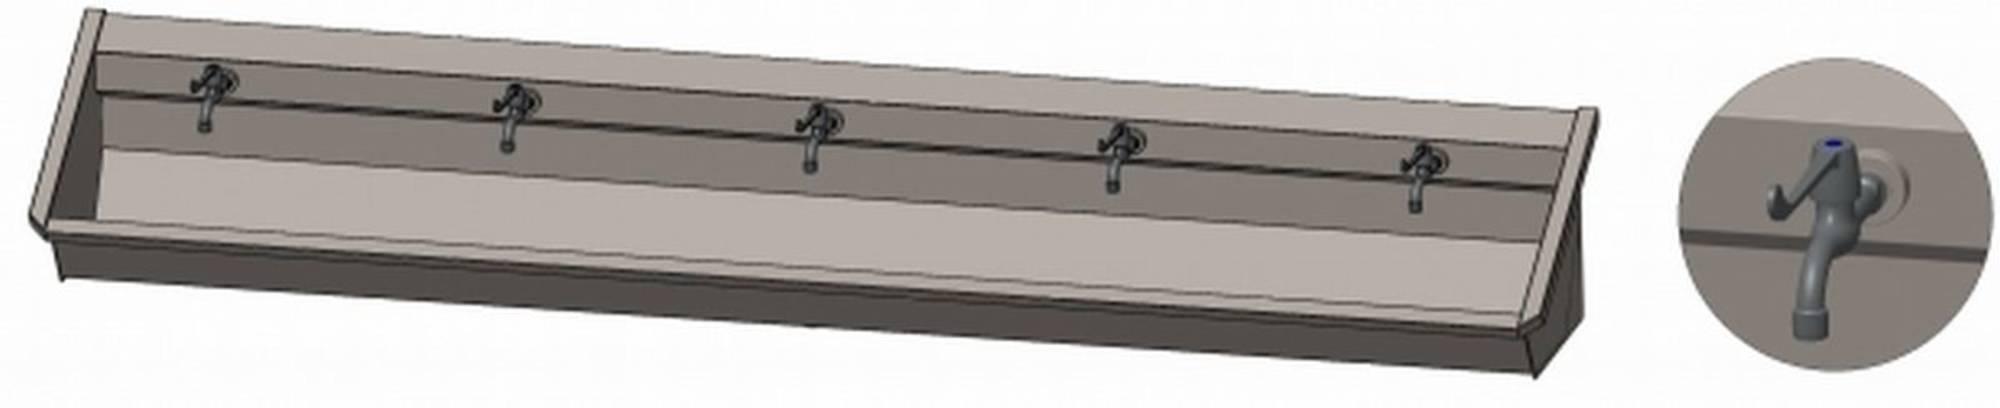 INTERSAN SANILAV wasgoot 300 cm. met 5 hendelkranen INOX 304 (105M4)